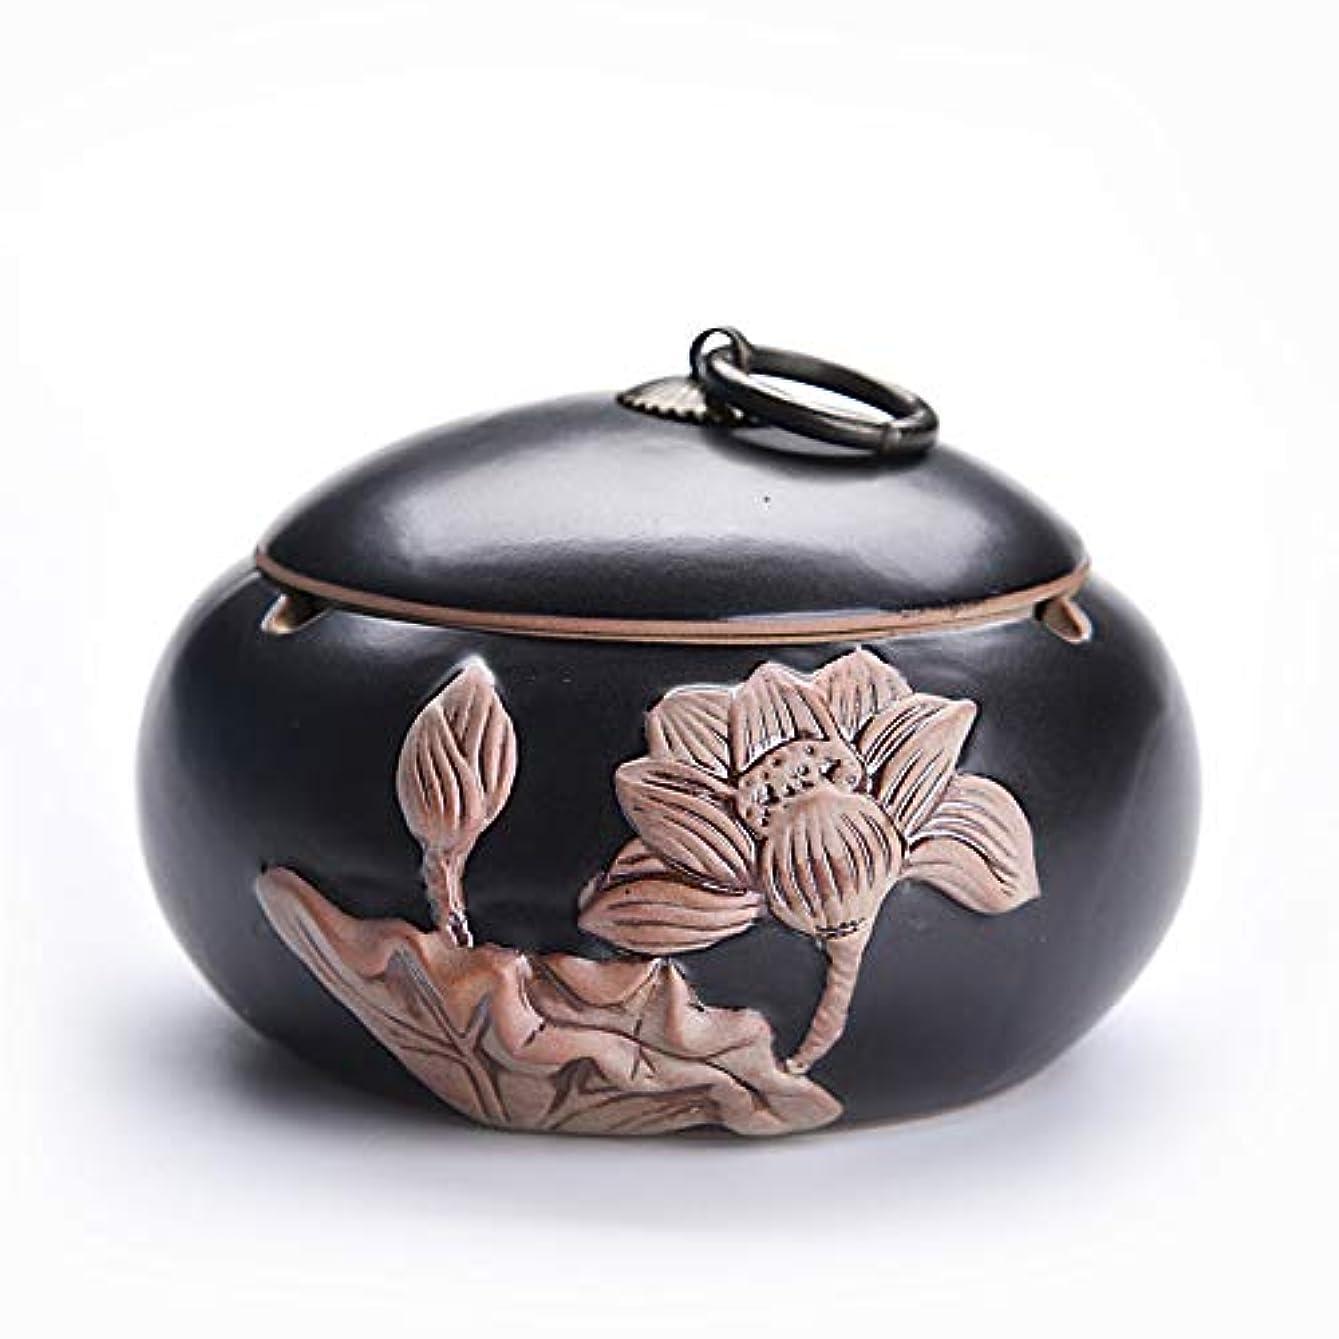 労働オーロックホイール中国のレトロな創造的な鍋形セラミック灰皿ふた付き